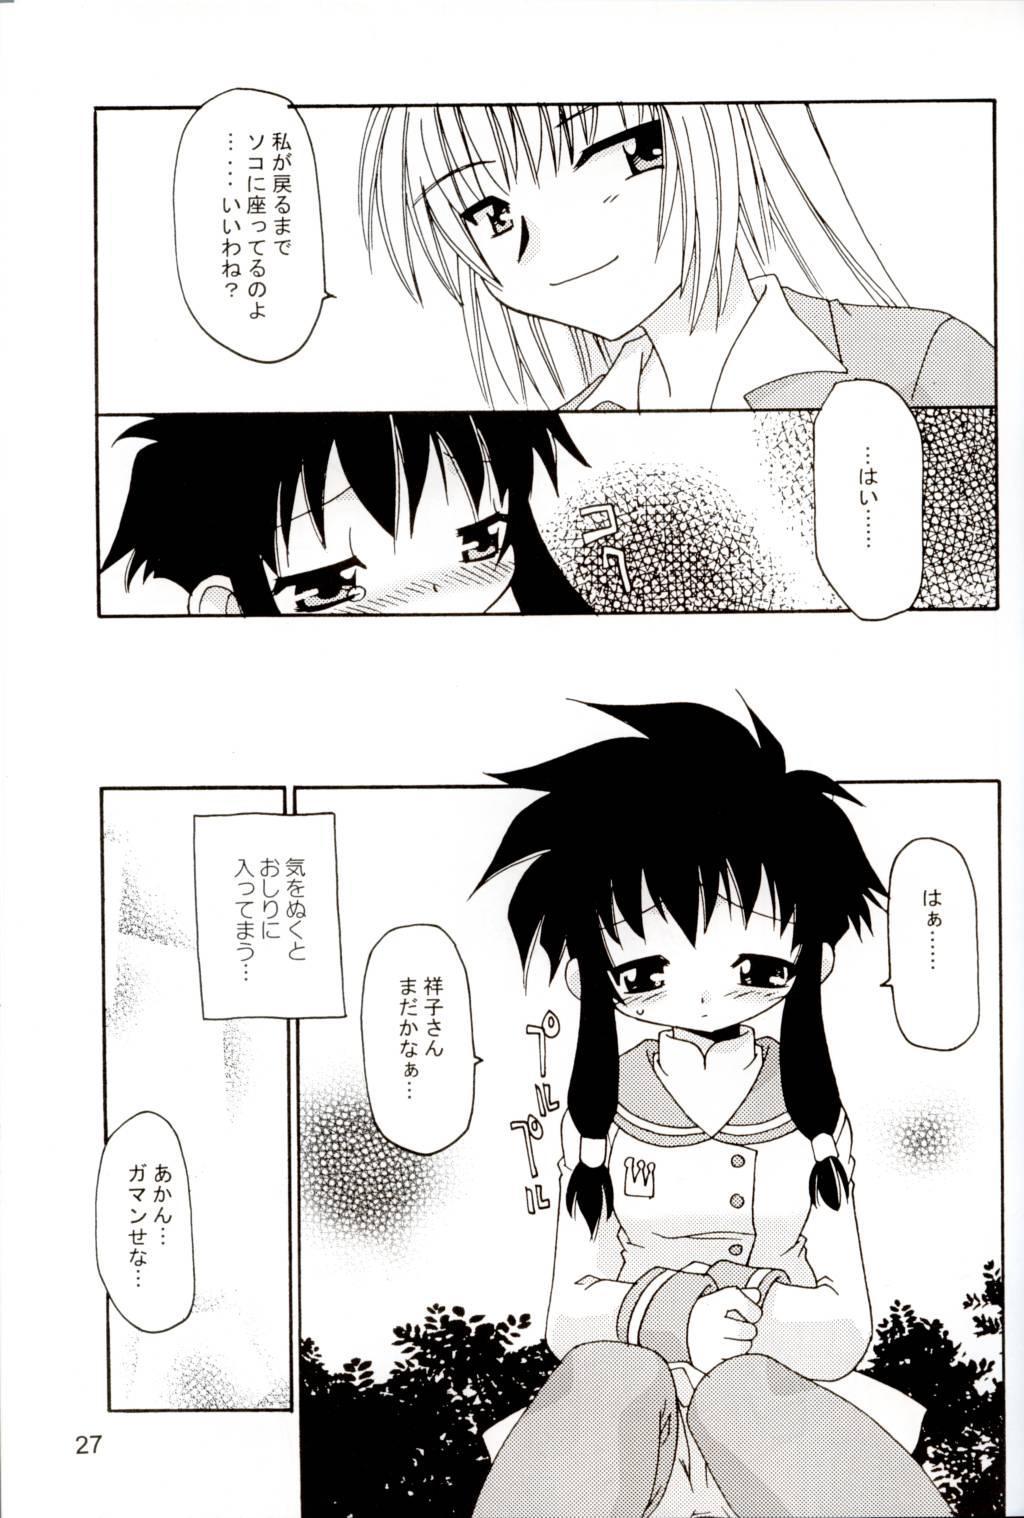 Oshiri de Kyu! 7 23